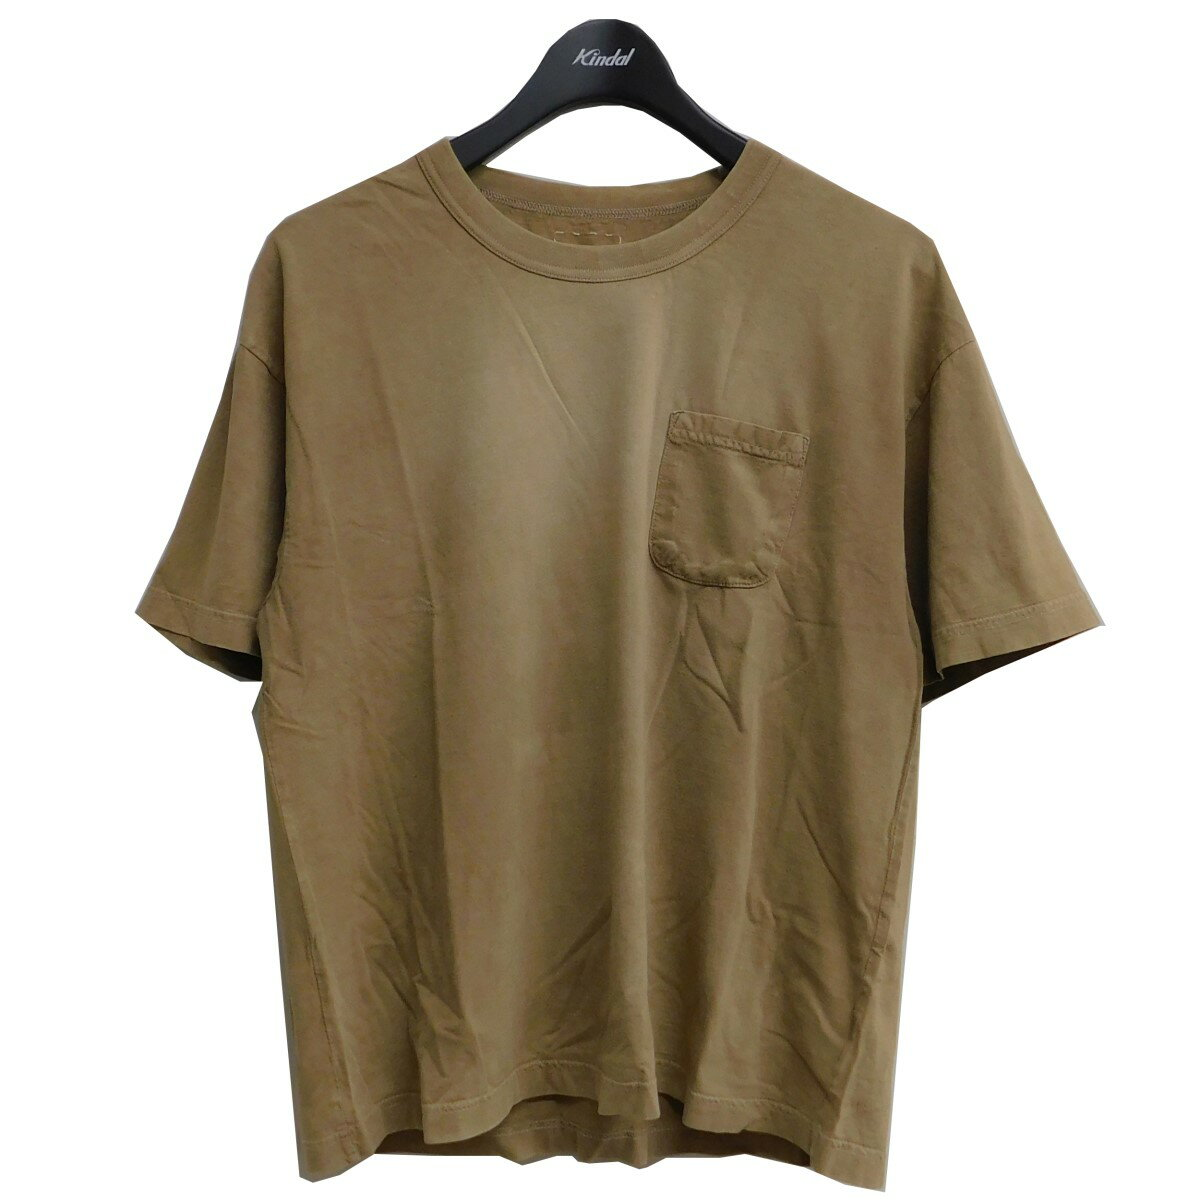 トップス, Tシャツ・カットソー VISVIM2019AW JUMBO TEE SS (ND) MUD MUD 2 531